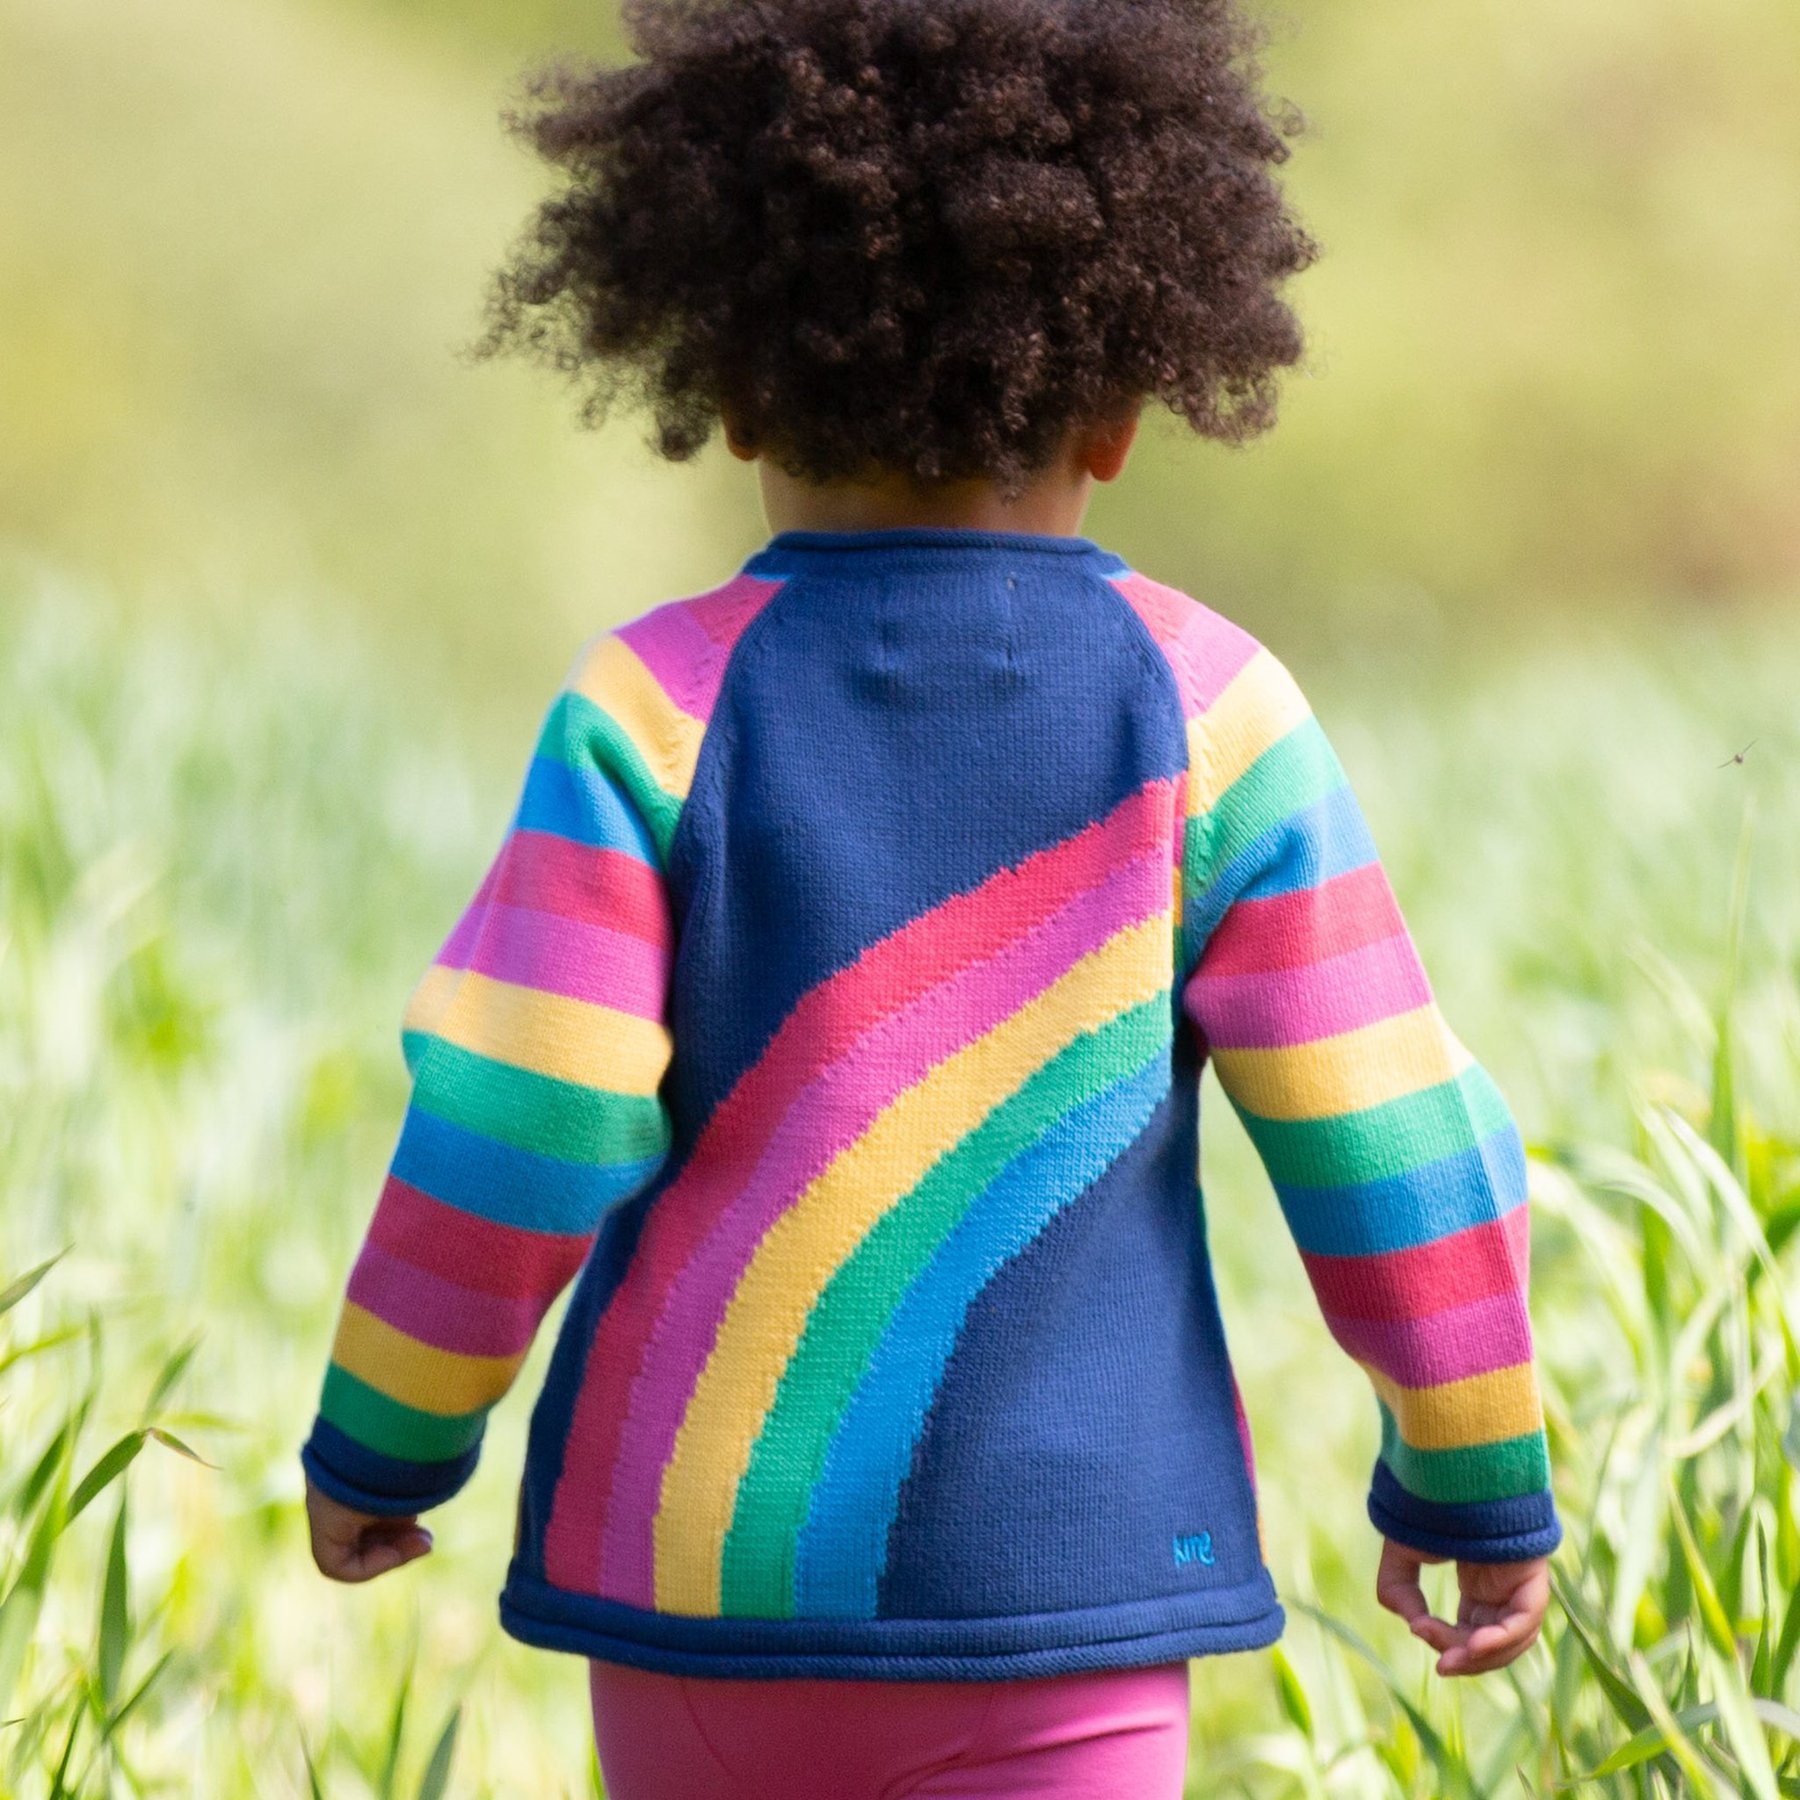 Kite Rainbow Cardi